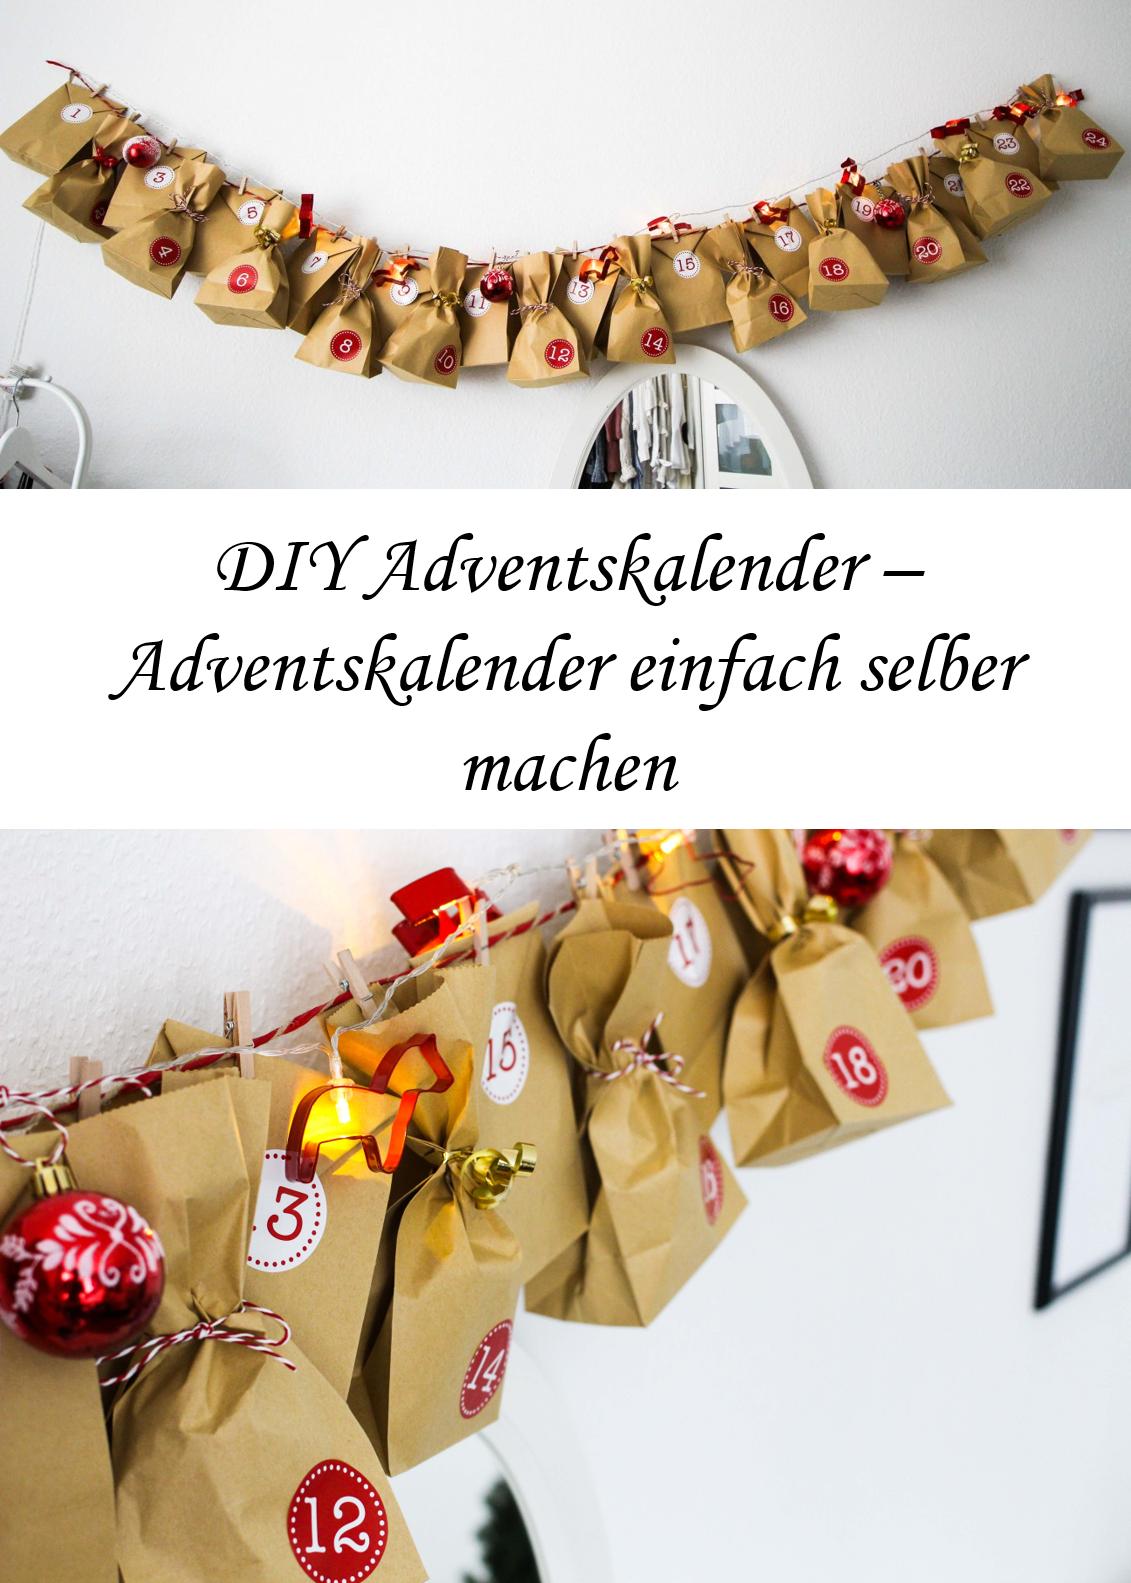 Adventskalender-DIY-Adventskalender-selber-machen-einfach-schnell-kreativ-einpacken-Weihnachten-Clas-Ohlson-Geschenk-Ideen-Dekoration